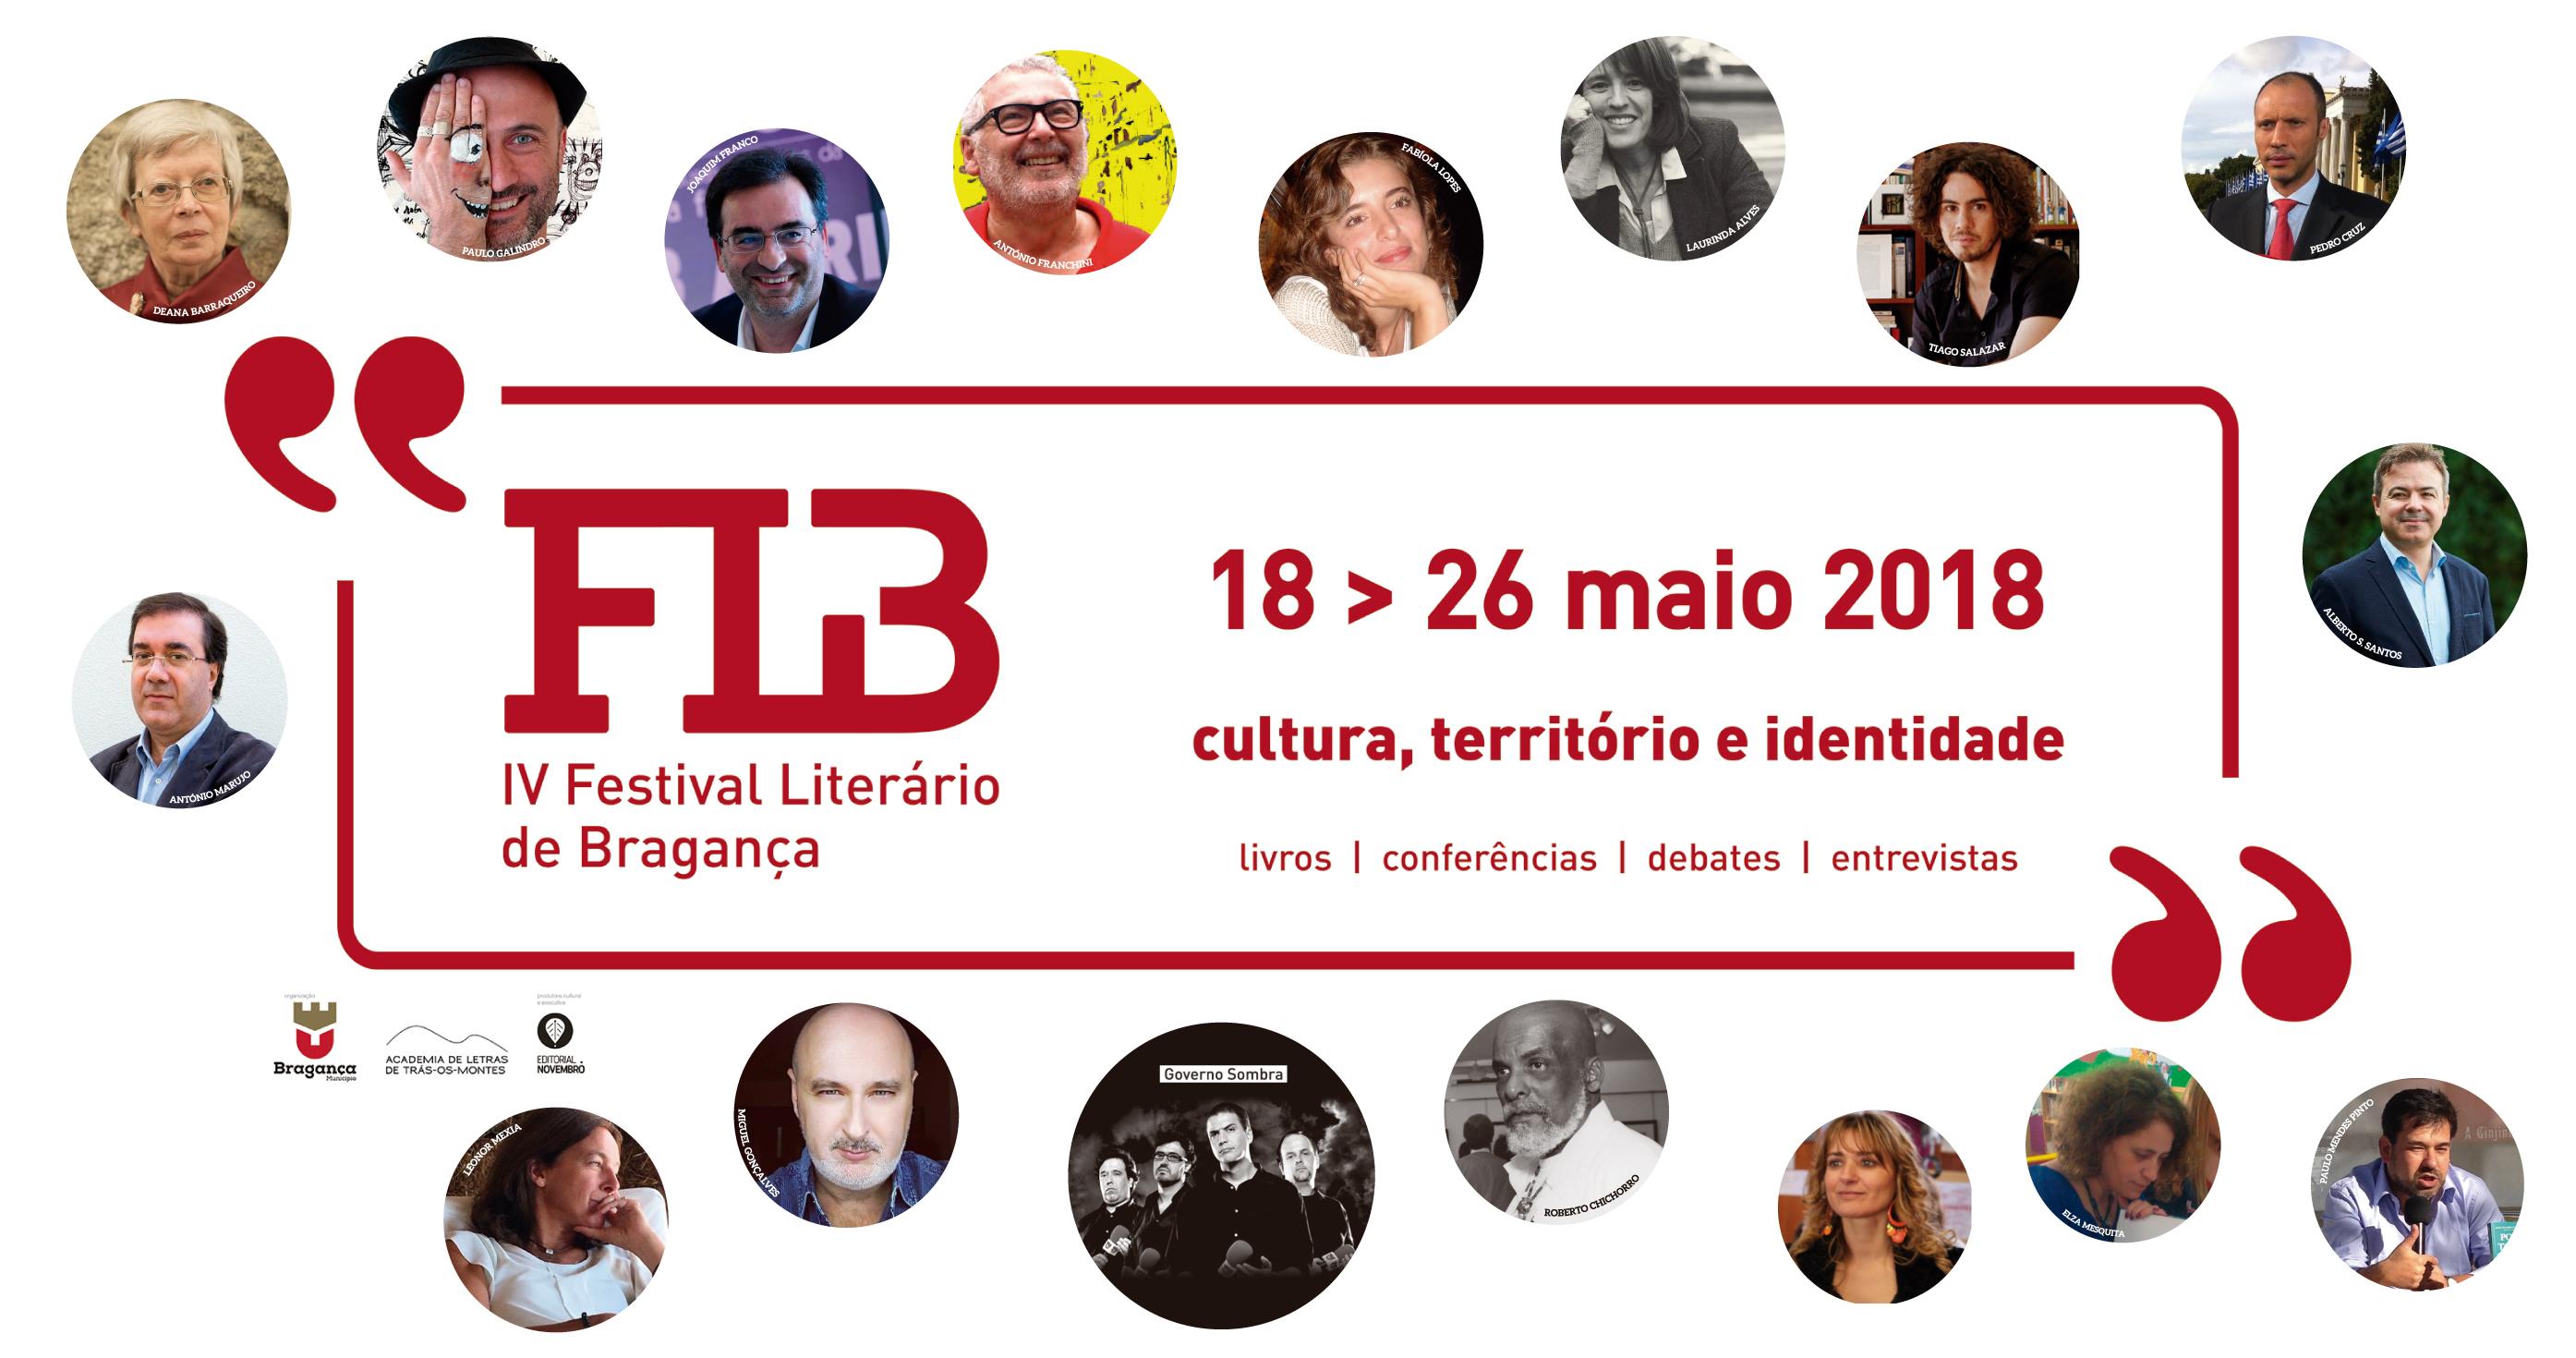 IV Festival Literário de Bragança